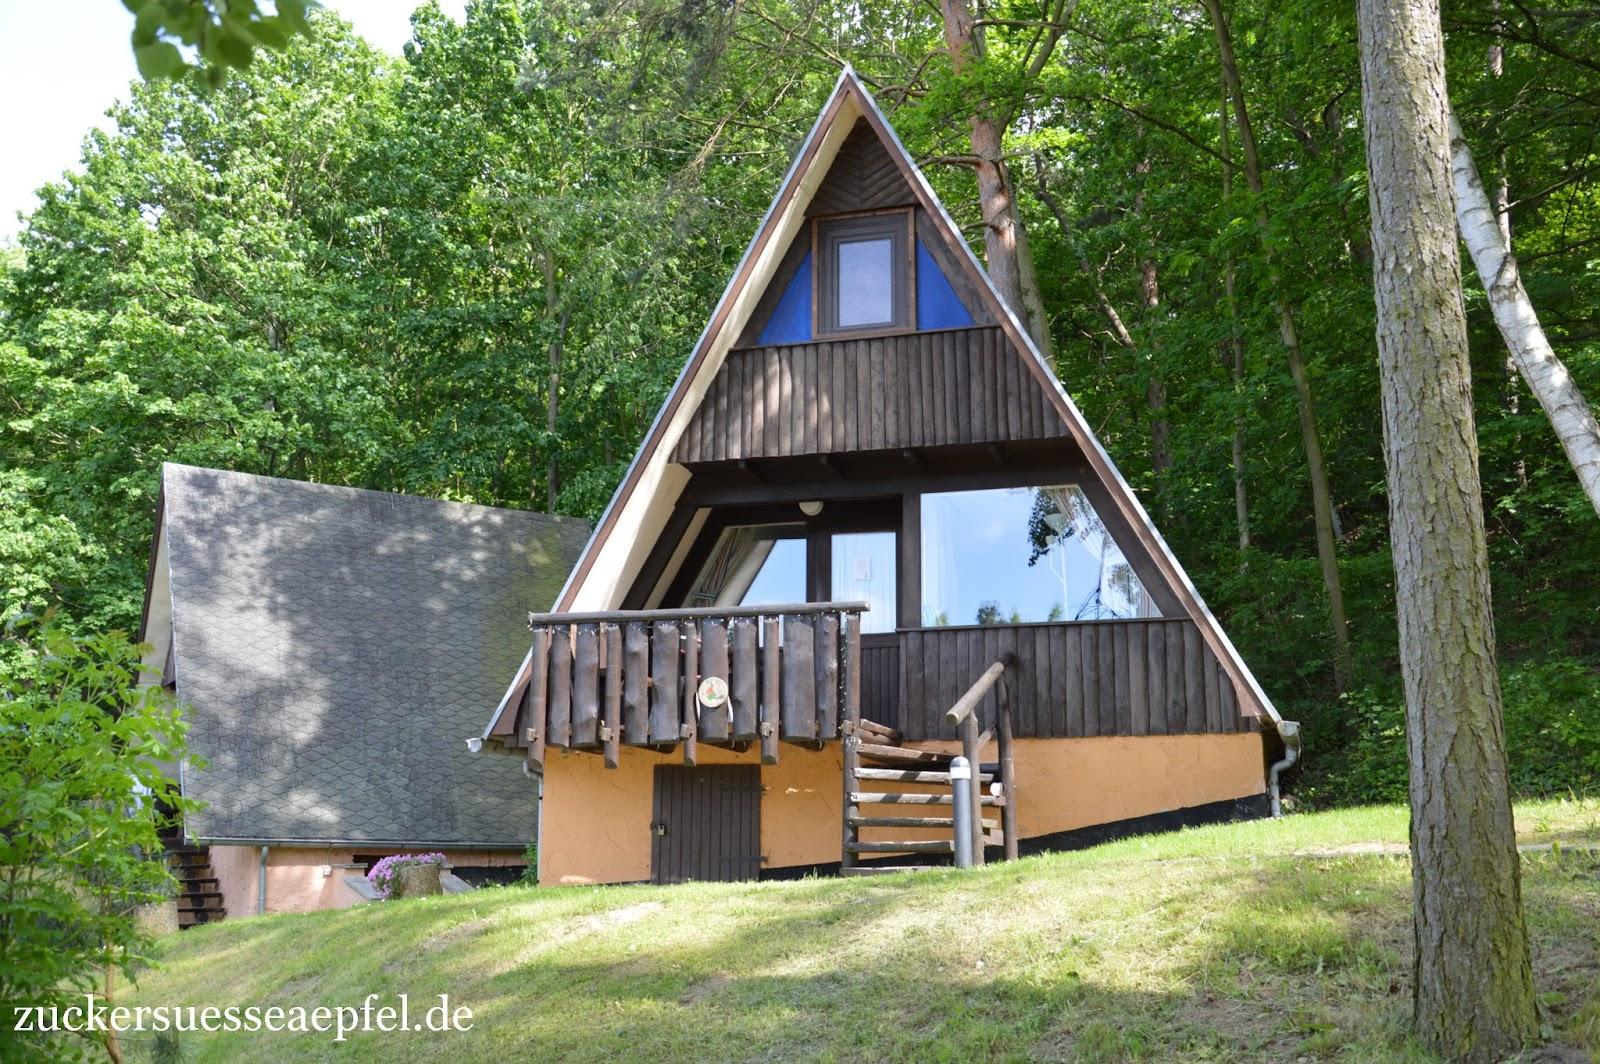 Unser Urlaub Im Family Club Harz Von Familotel Zuckersusse Apfel